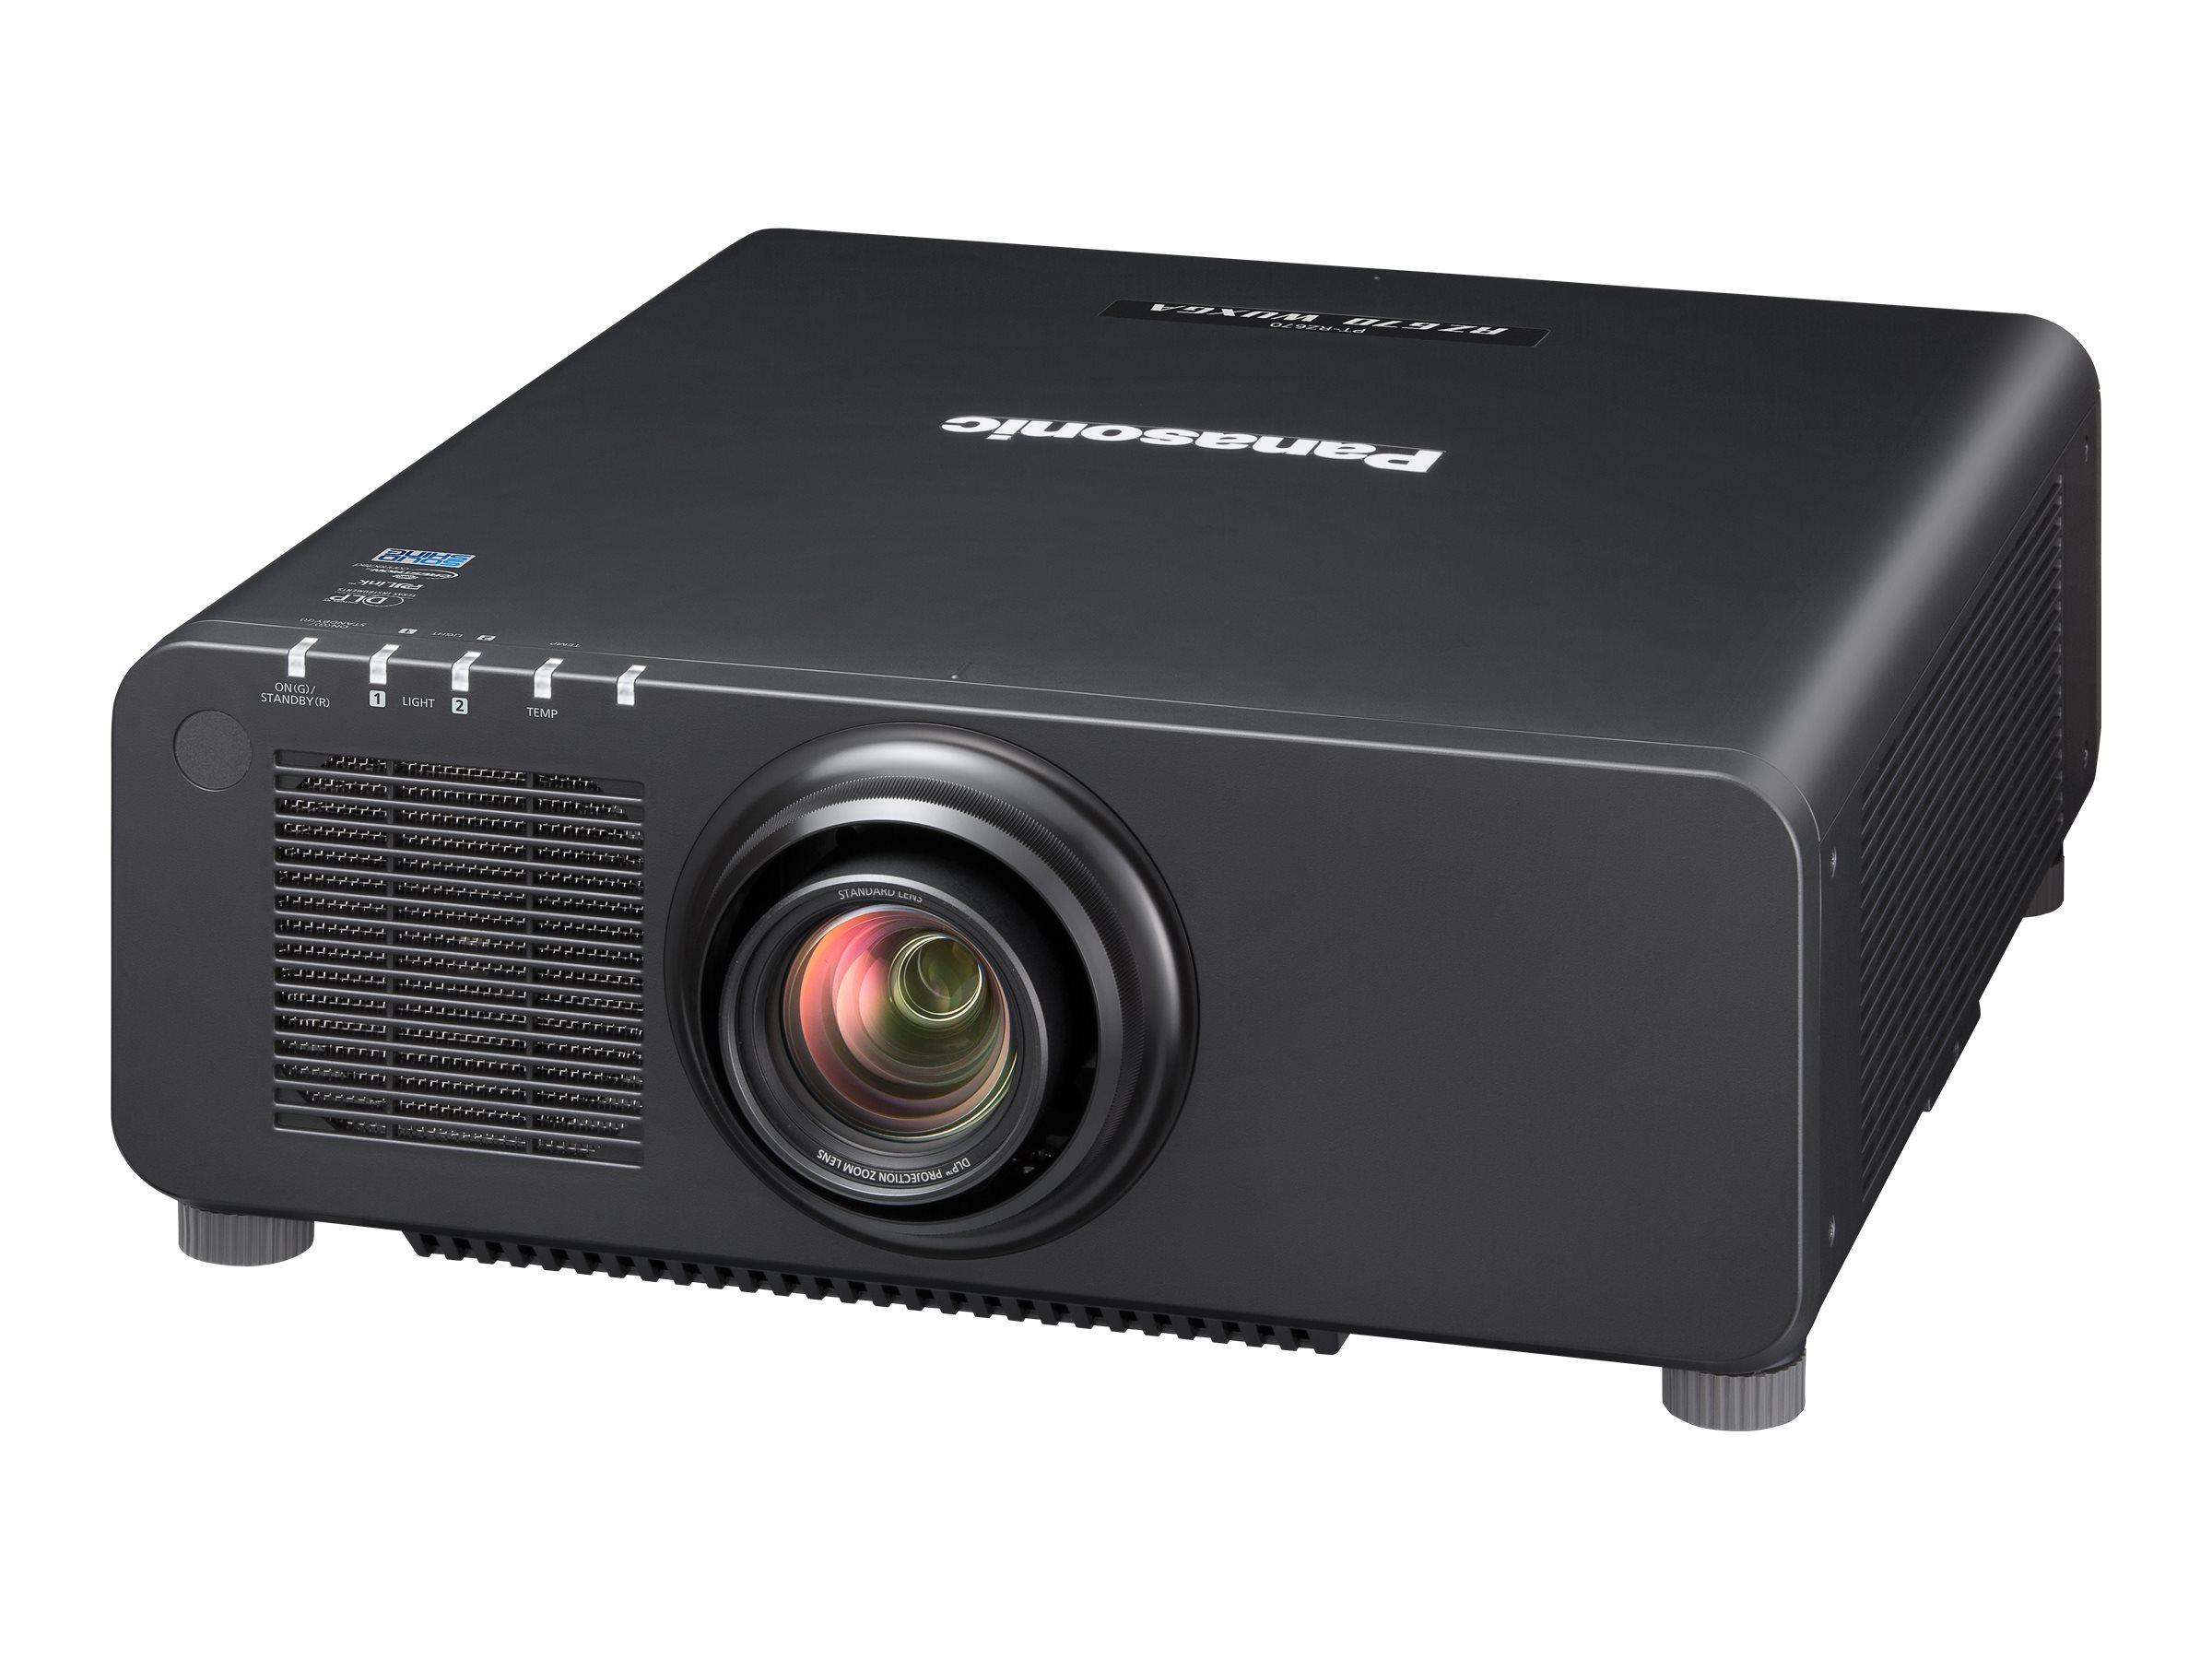 Panasonic PT-RZ670BU Image 1